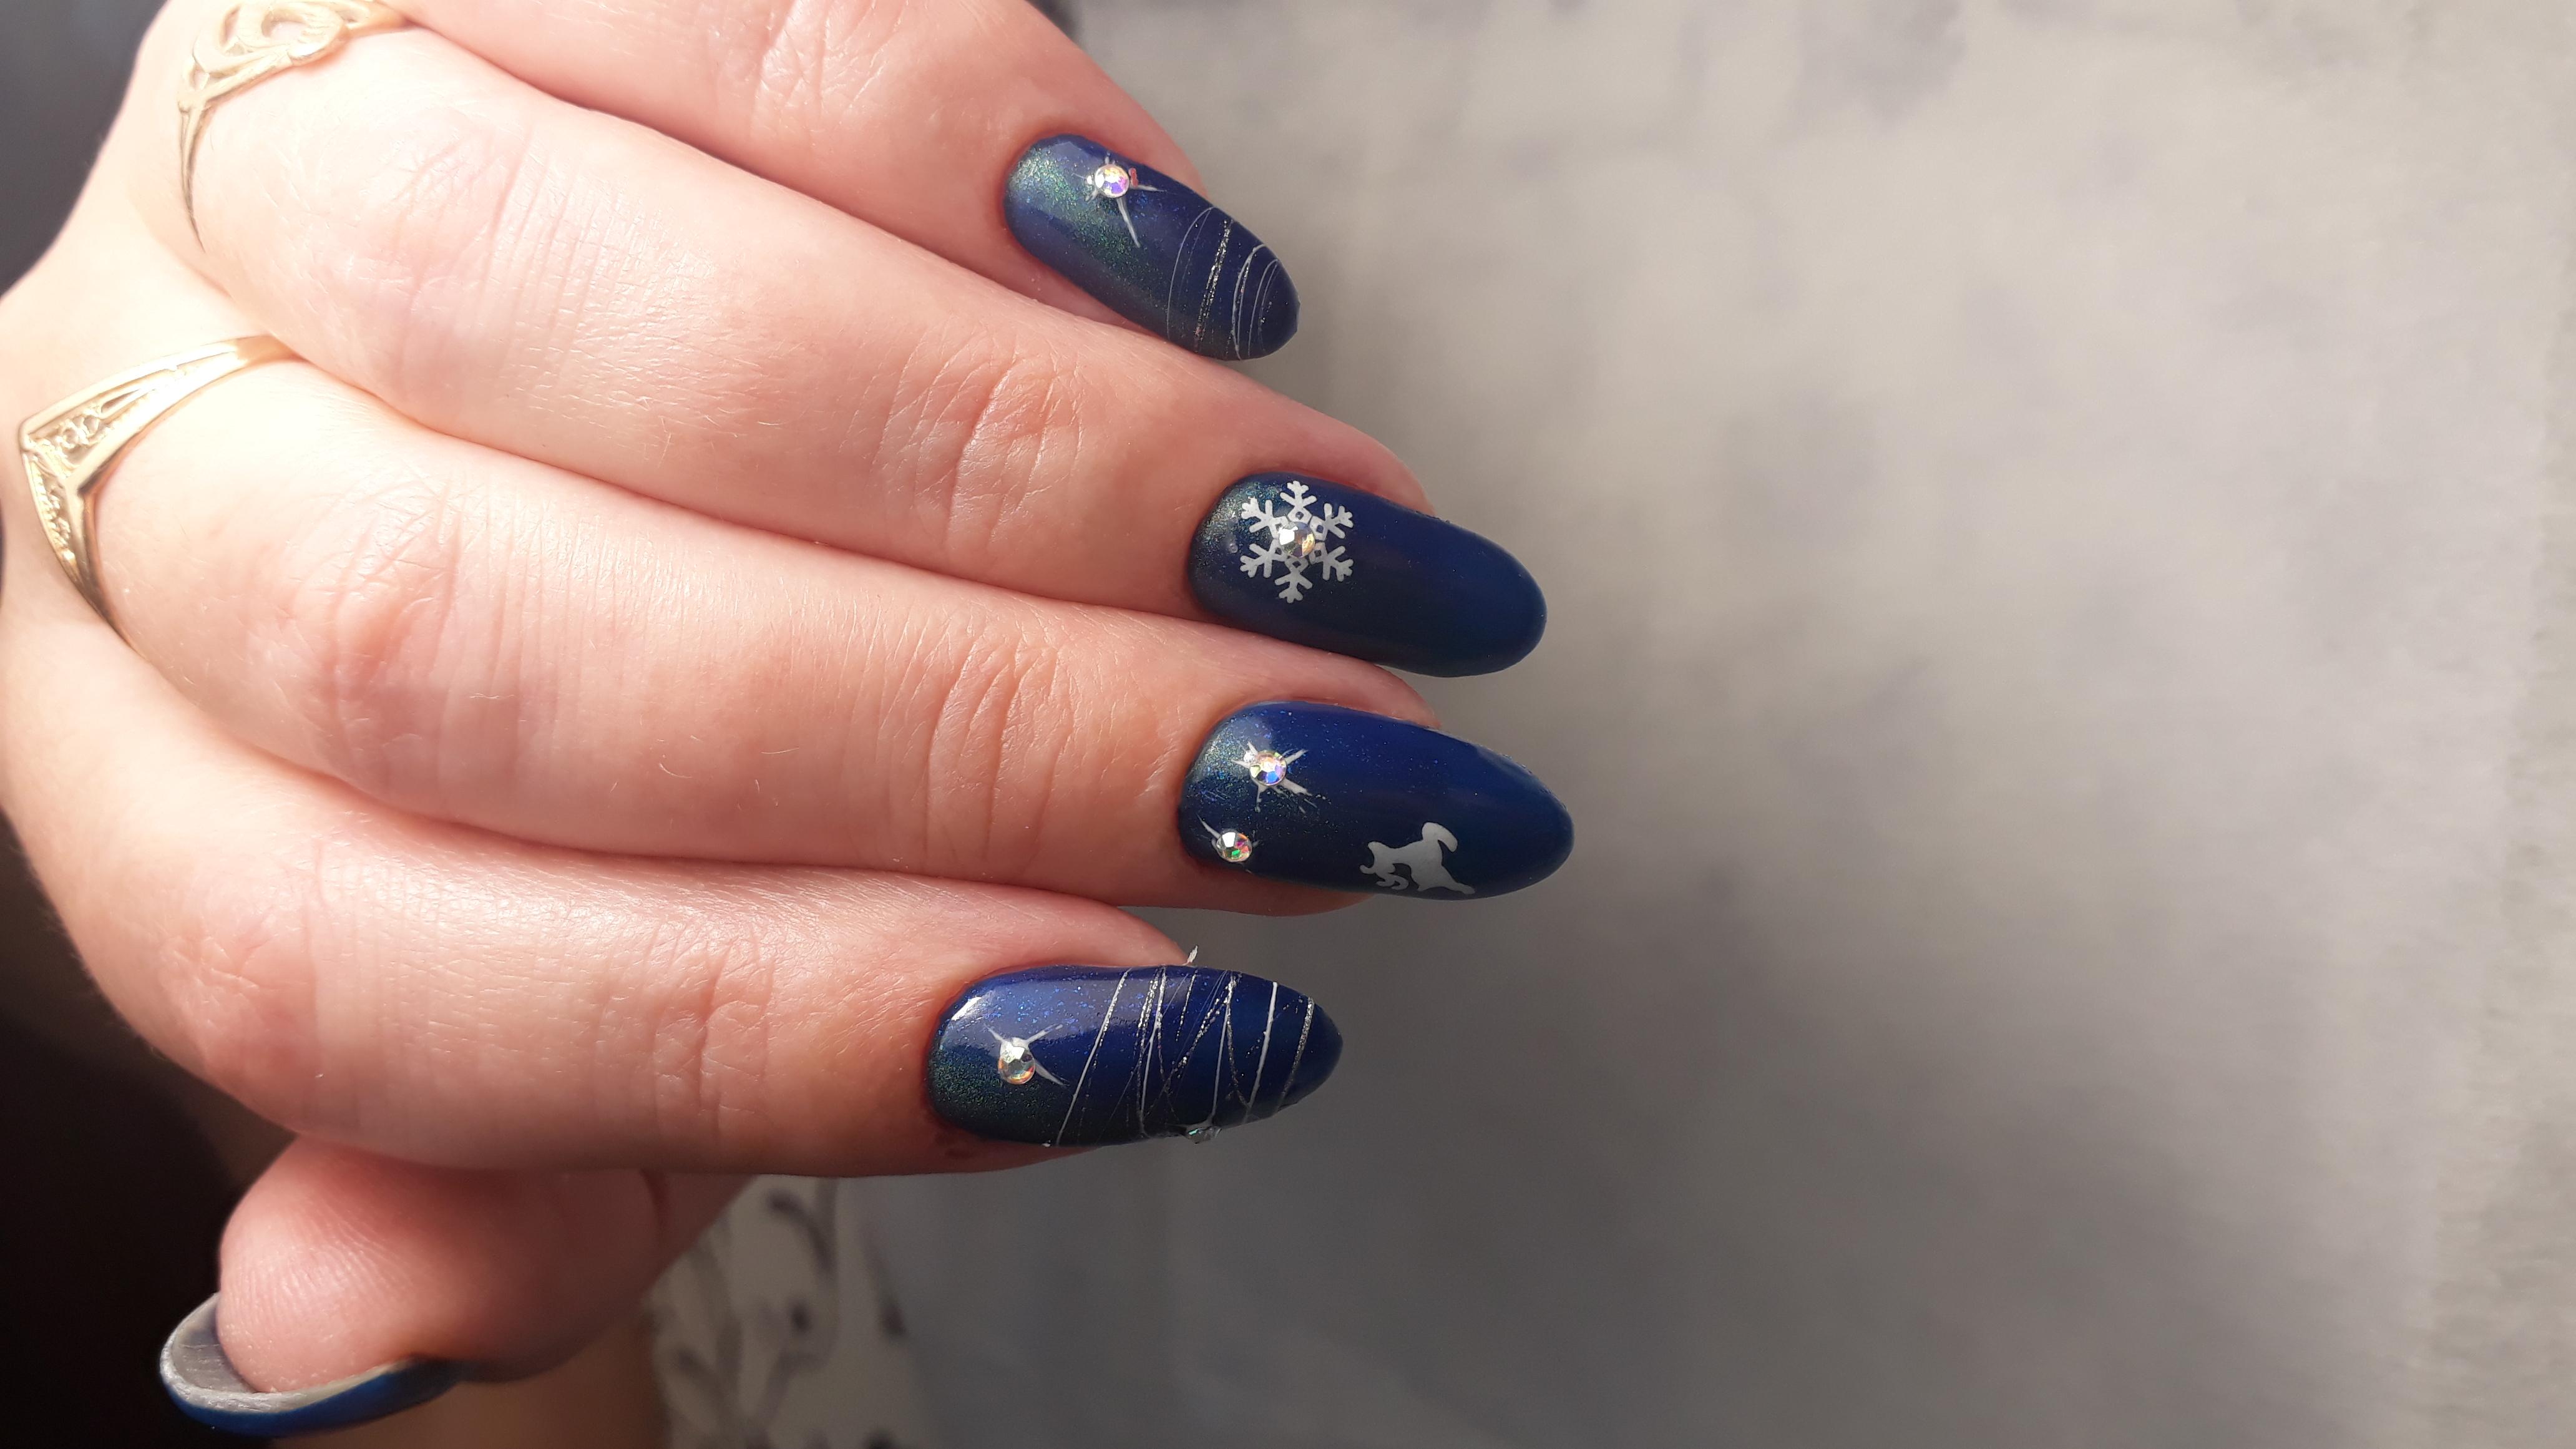 Маникюр в тёмно-синем цвете с новогодним стемпингом, стразами и паутинкой.